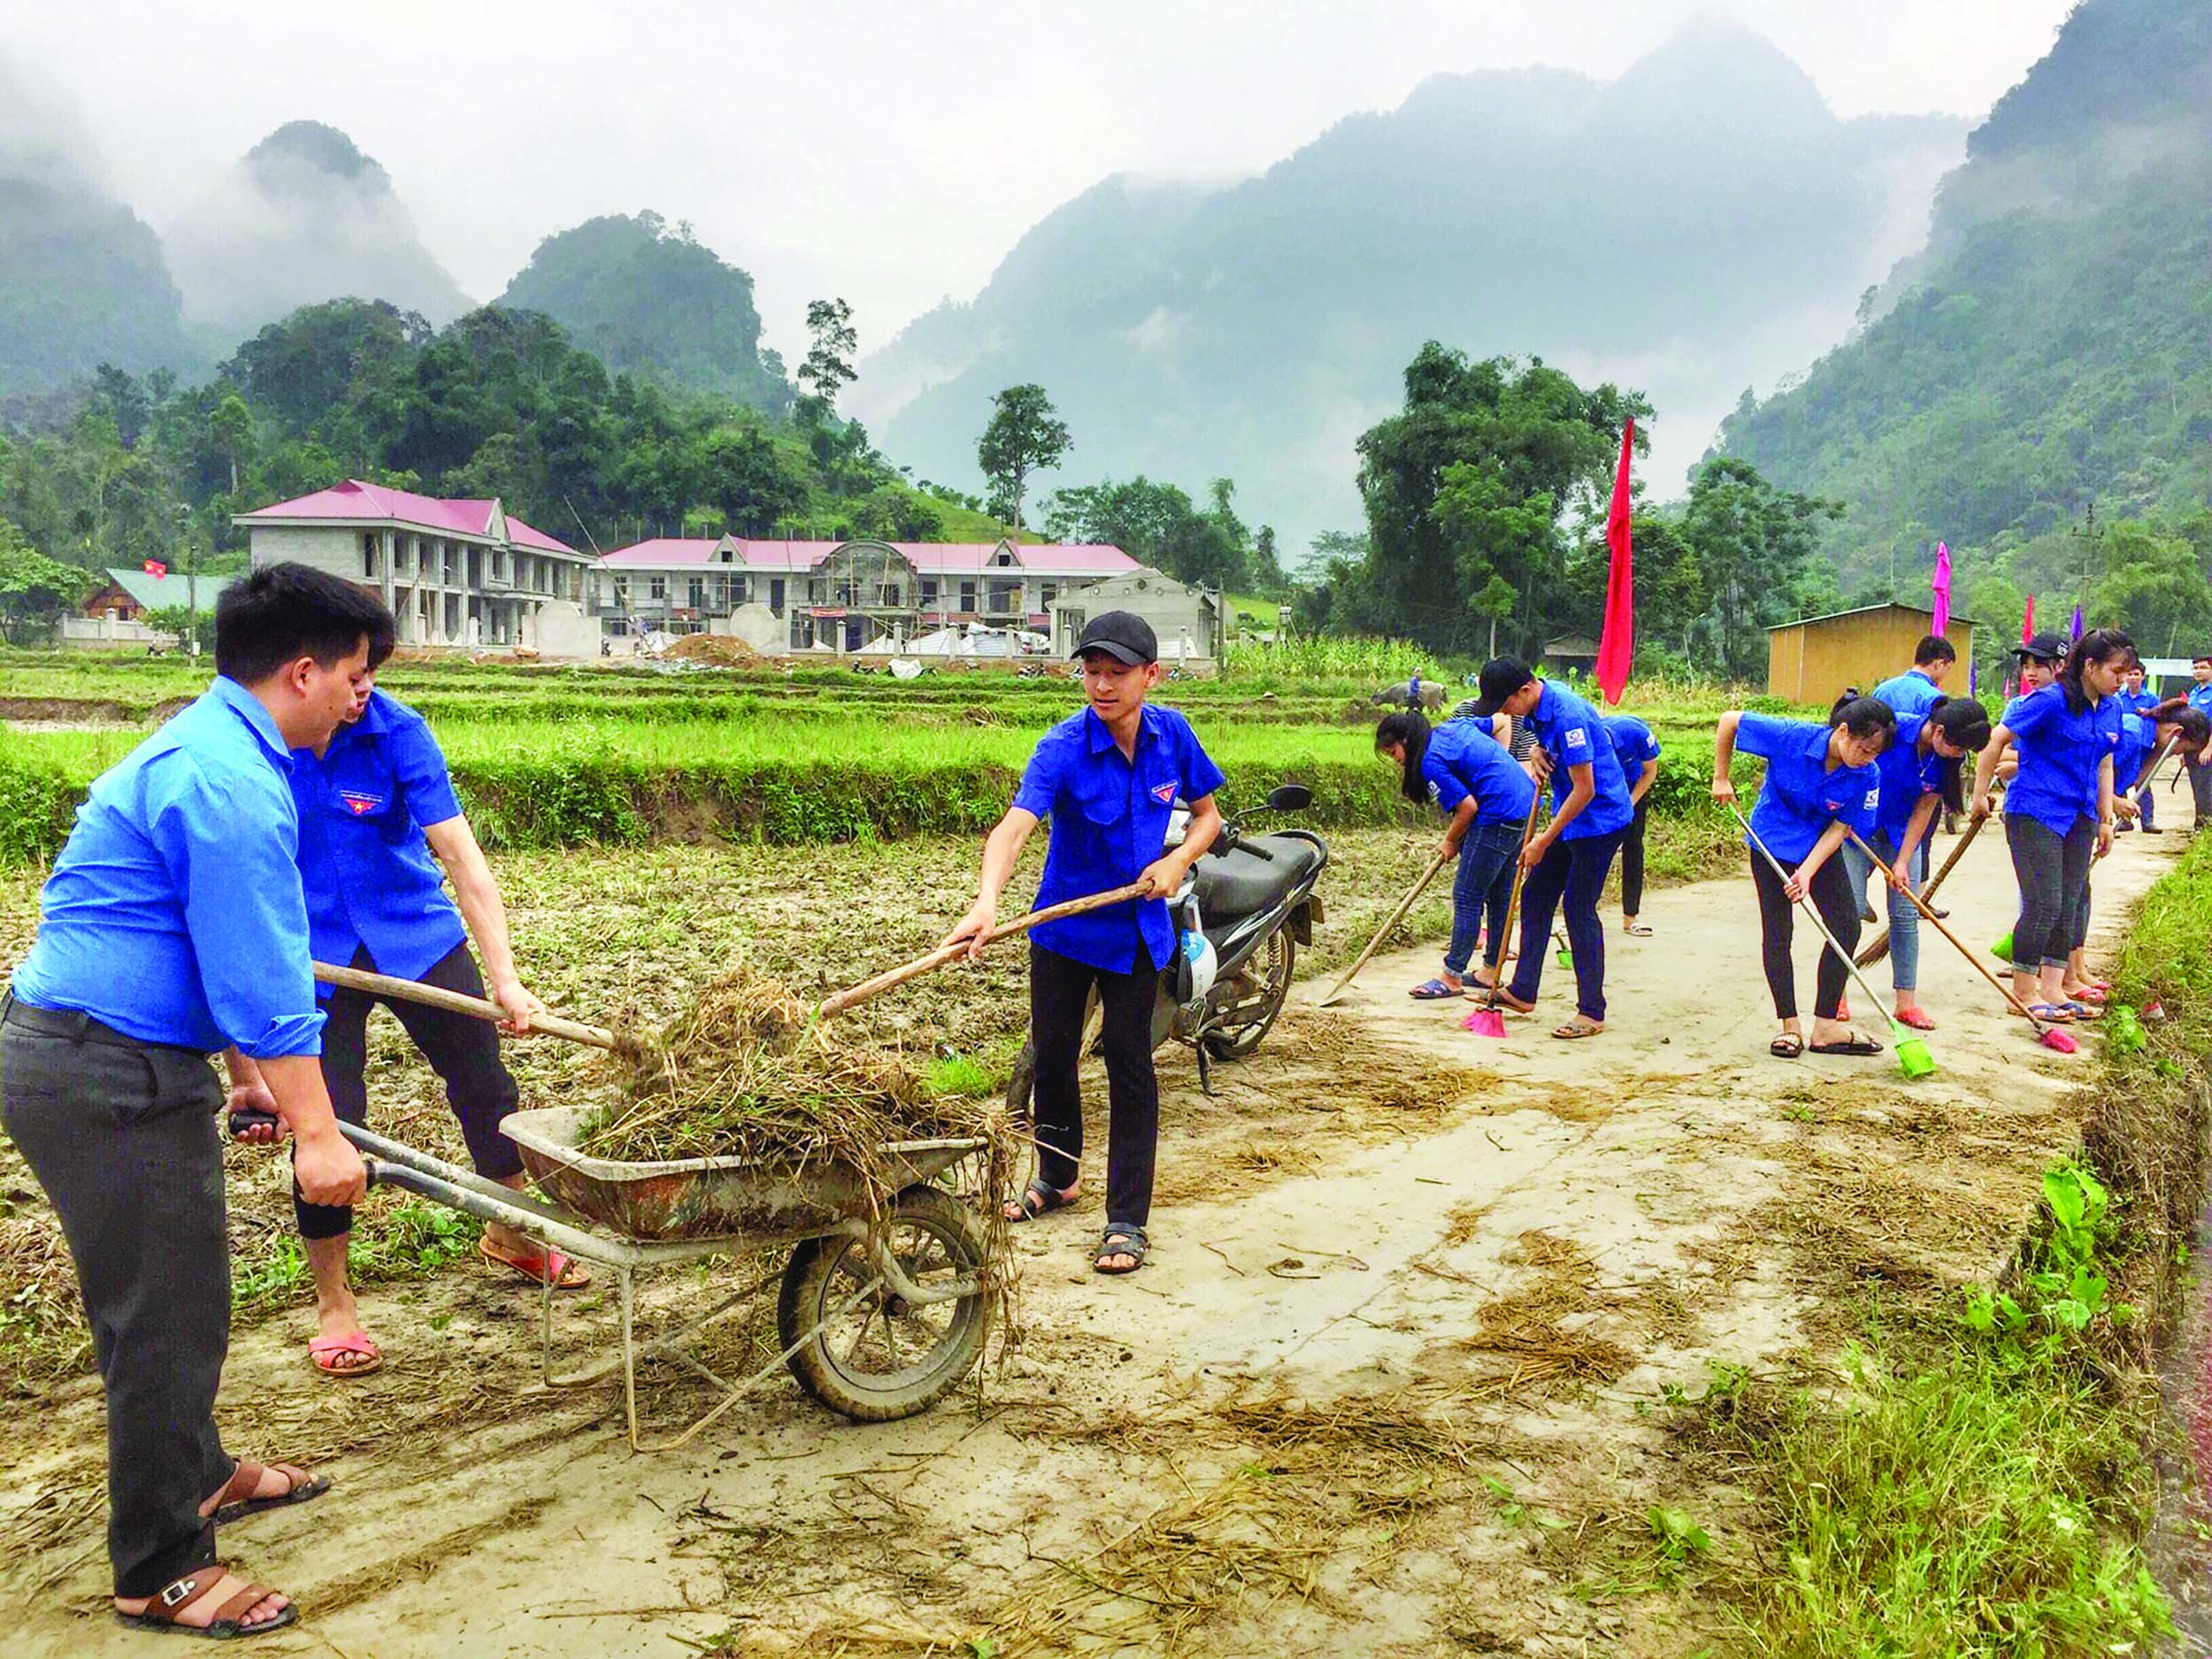 Huyện đoàn Lâm Bình tỉnh Tuyên Quang  dọn dẹp, khơi thông cống rãnh góp phần bảo vệ môi trường.